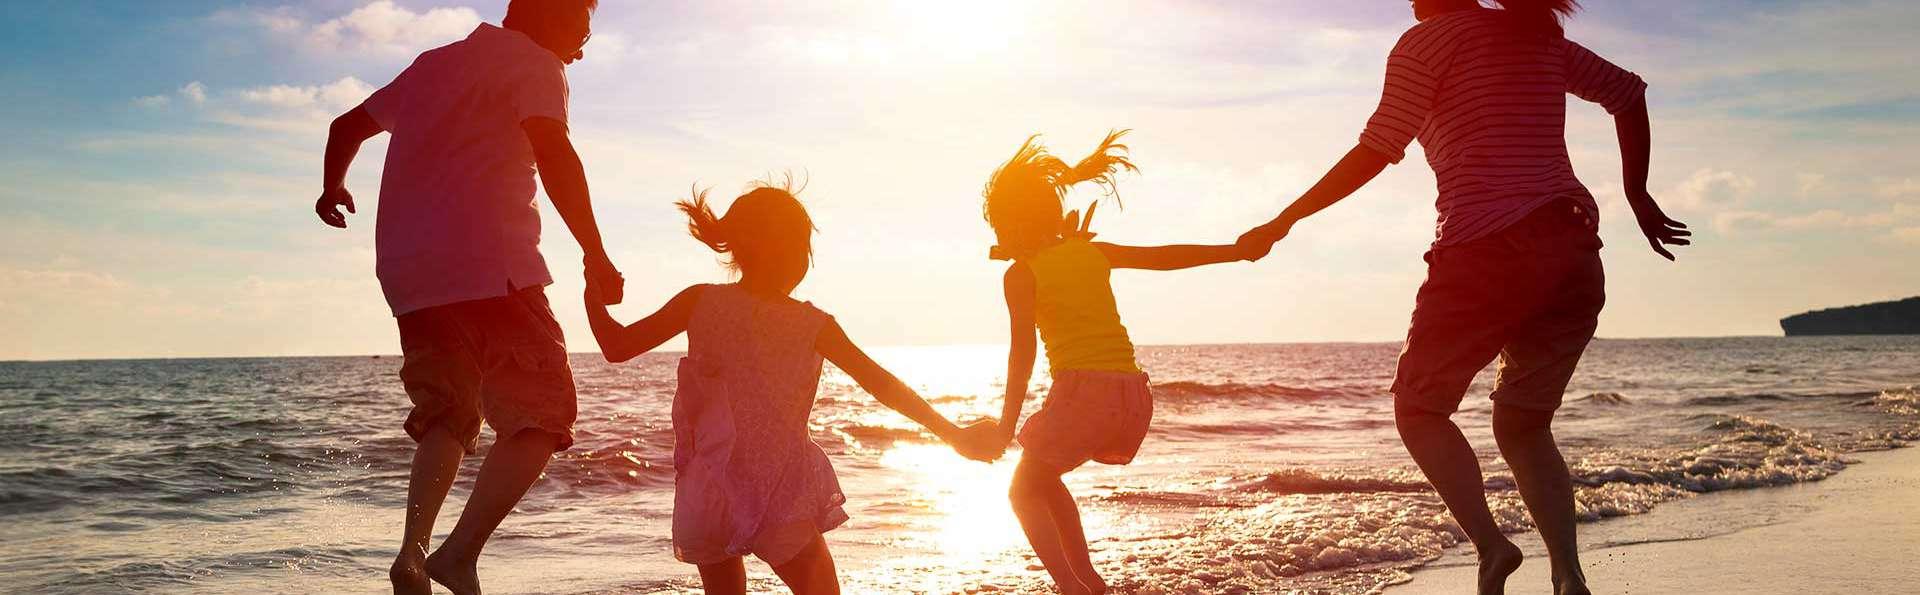 Profitez de vacances en famille sur la Costa Brava avec animations pour petits et grands